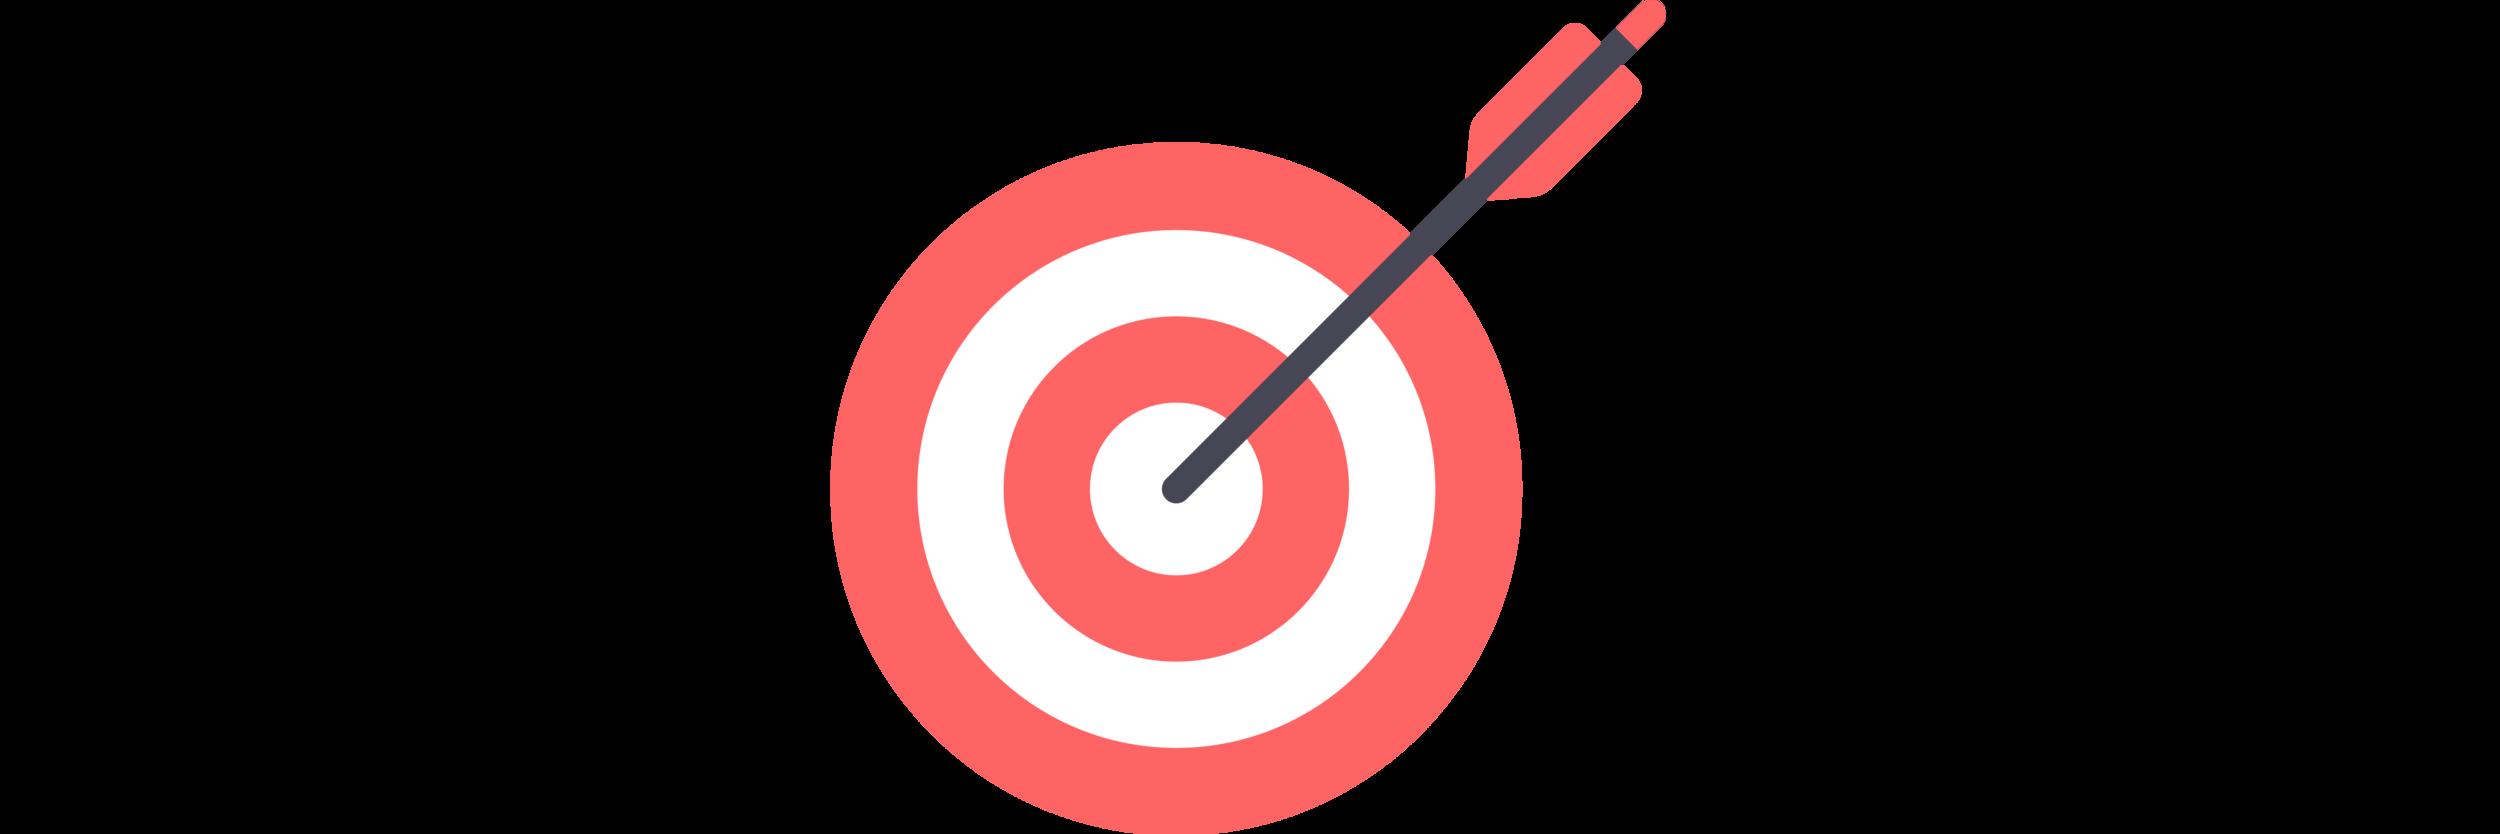 dart-board-01.png